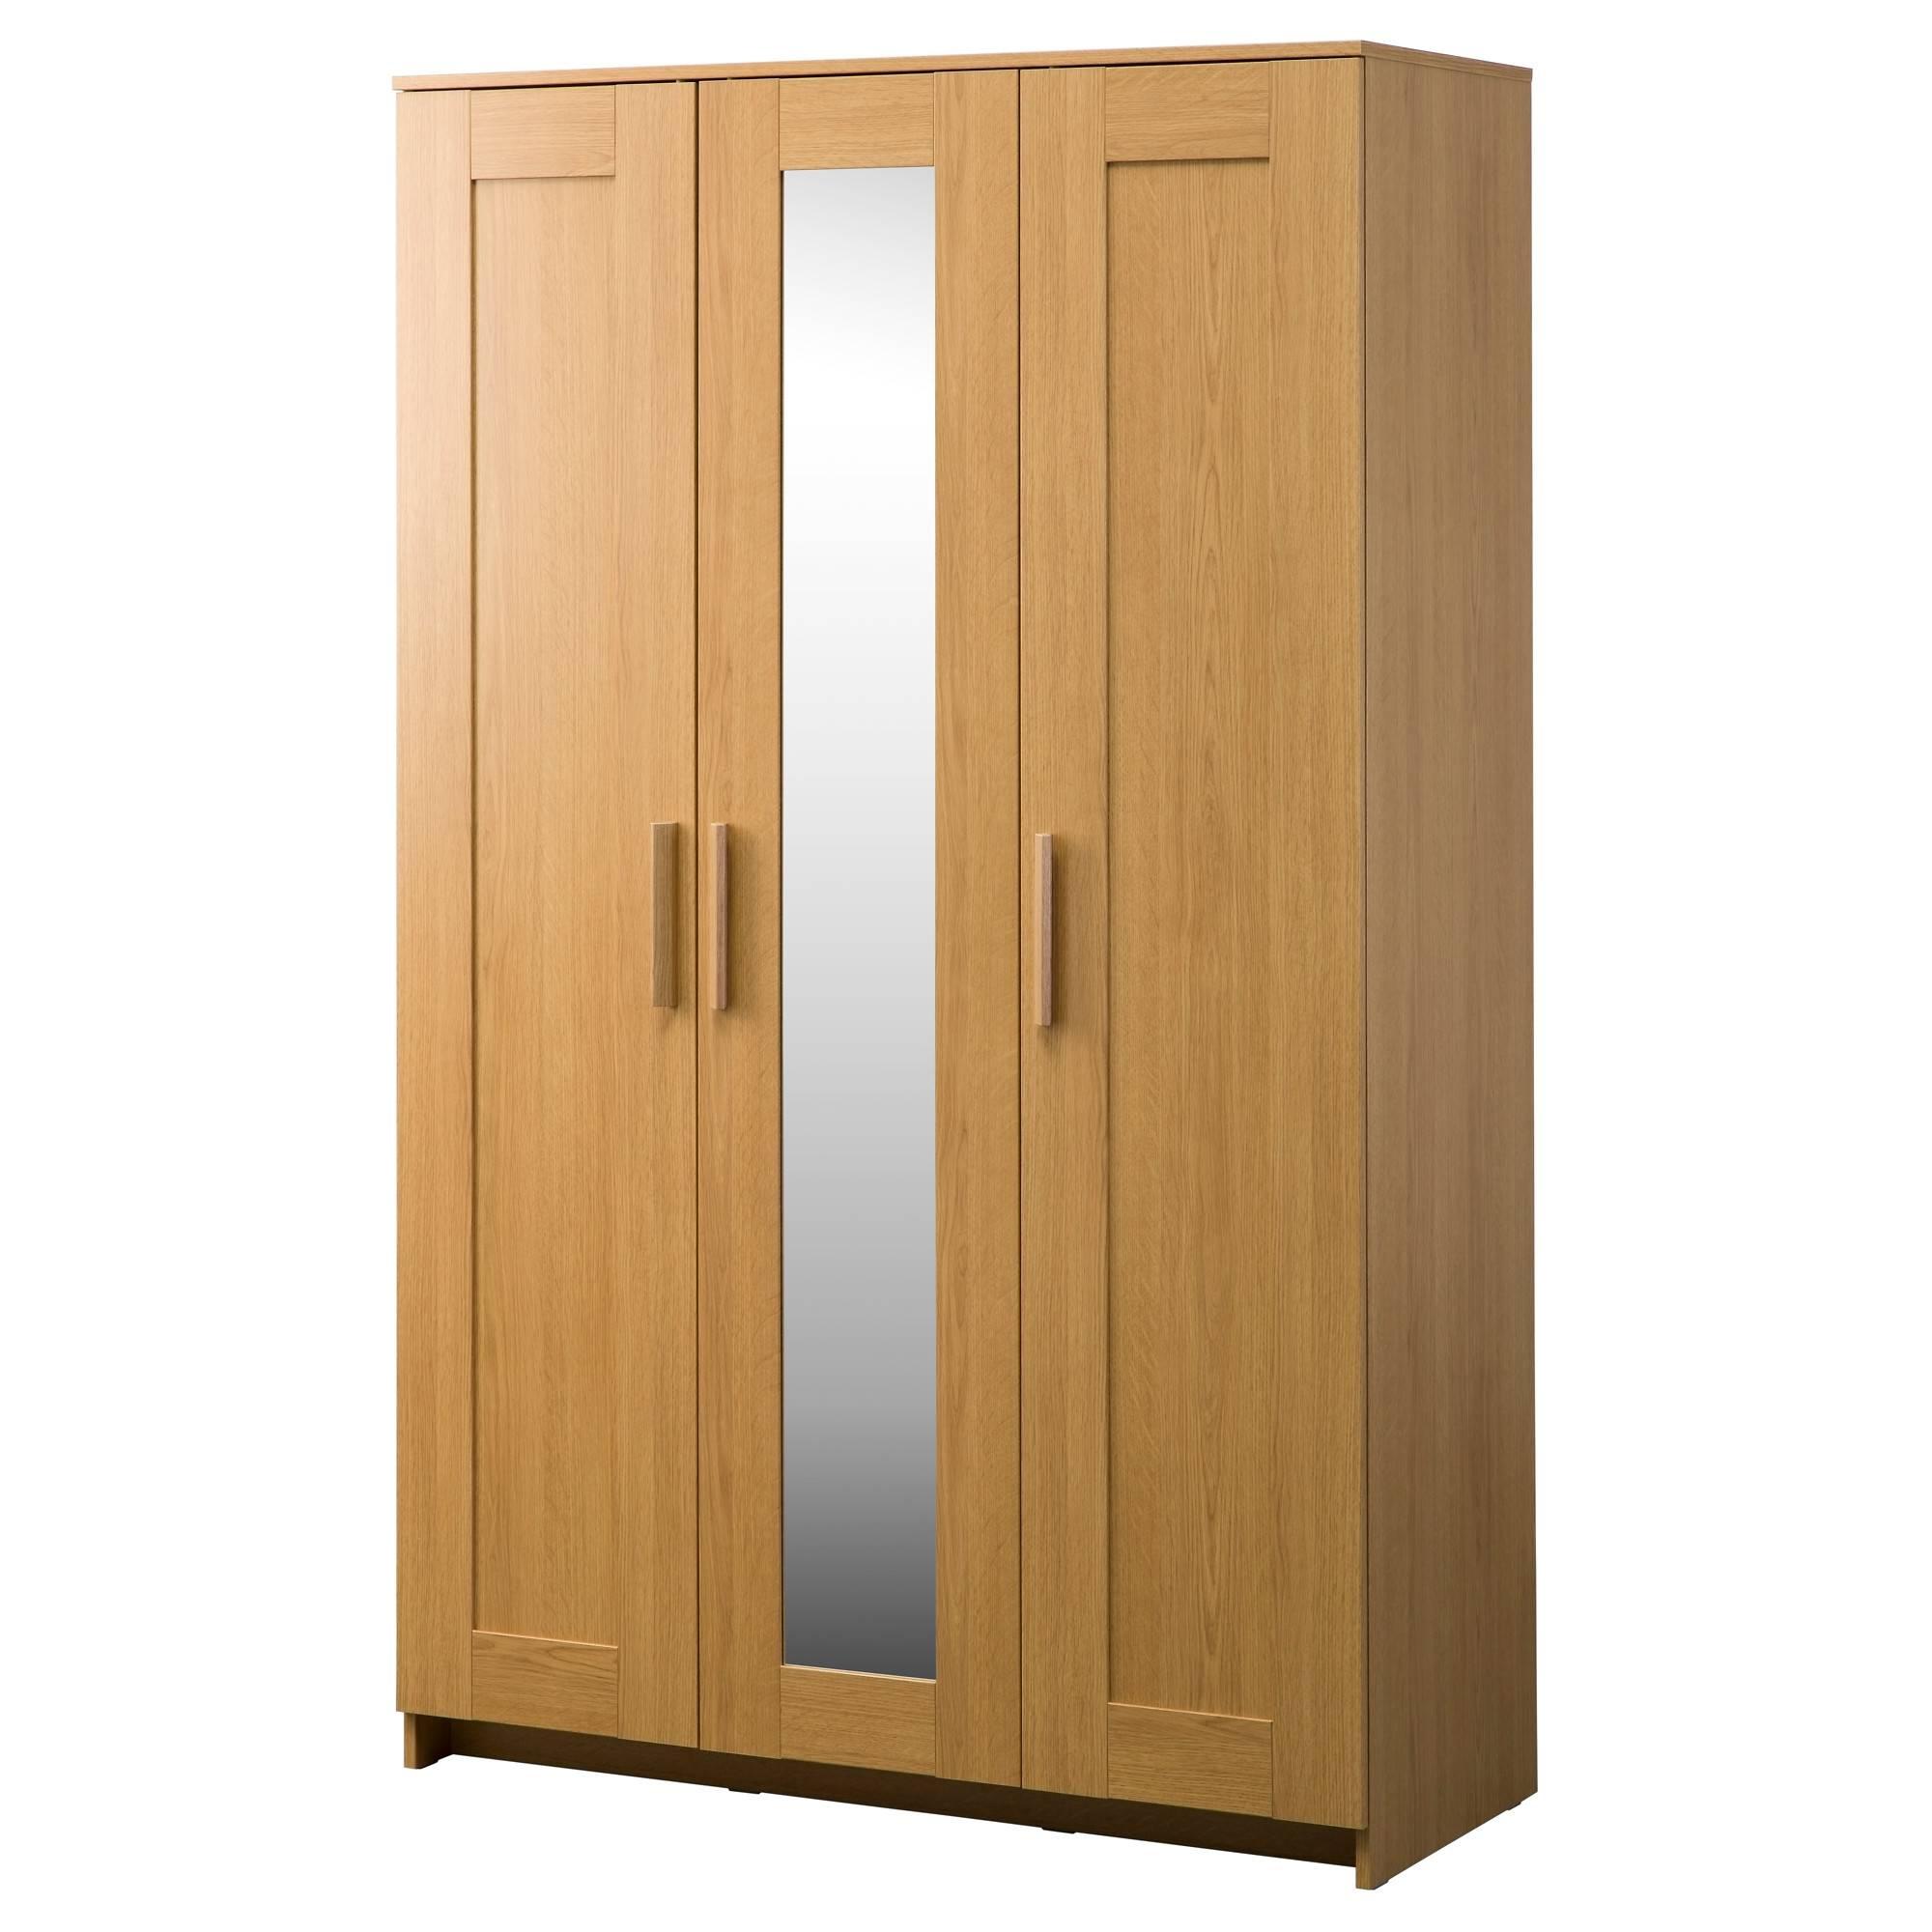 Popular Photo of Cheap 2 Door Wardrobes